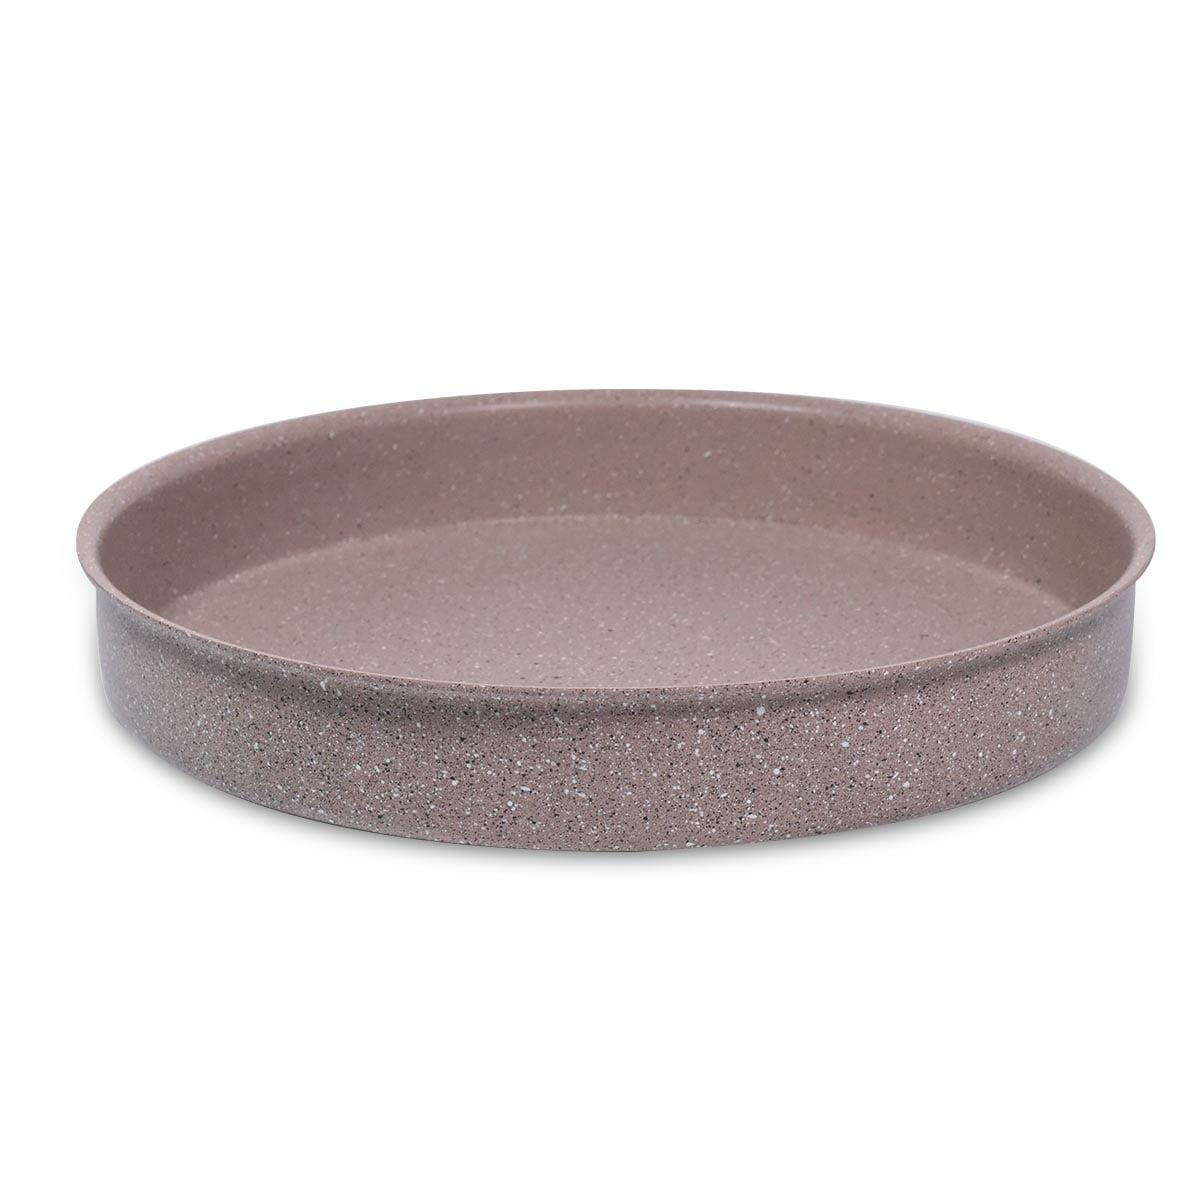 Plitka granitna posuda / tepsija - 3412 BROWN